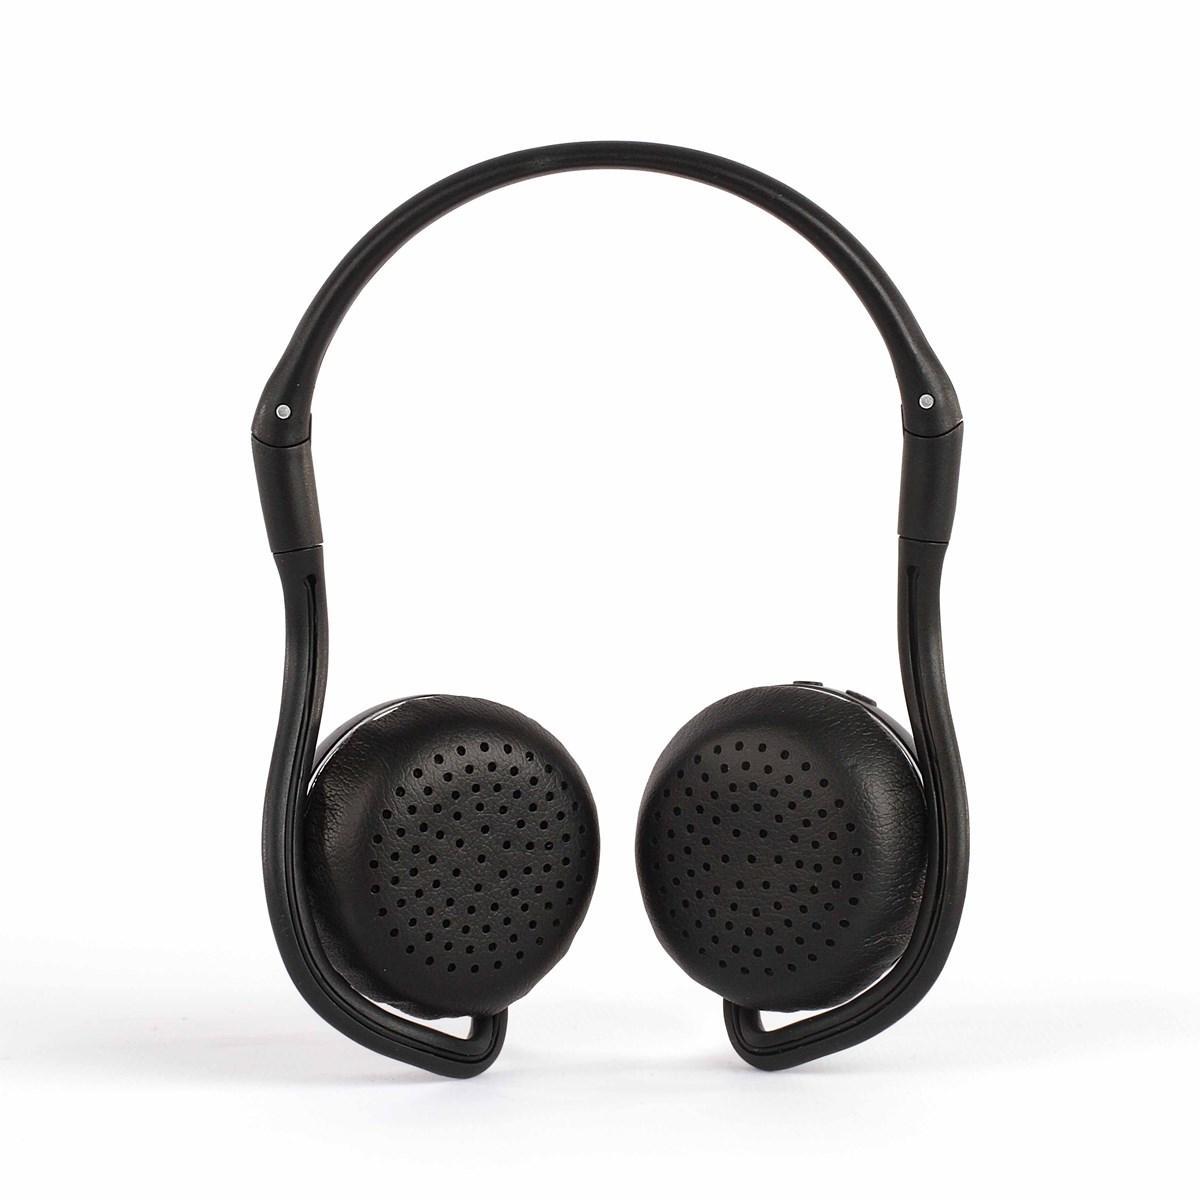 Casque sport compatible Bluetooth en plastique noir